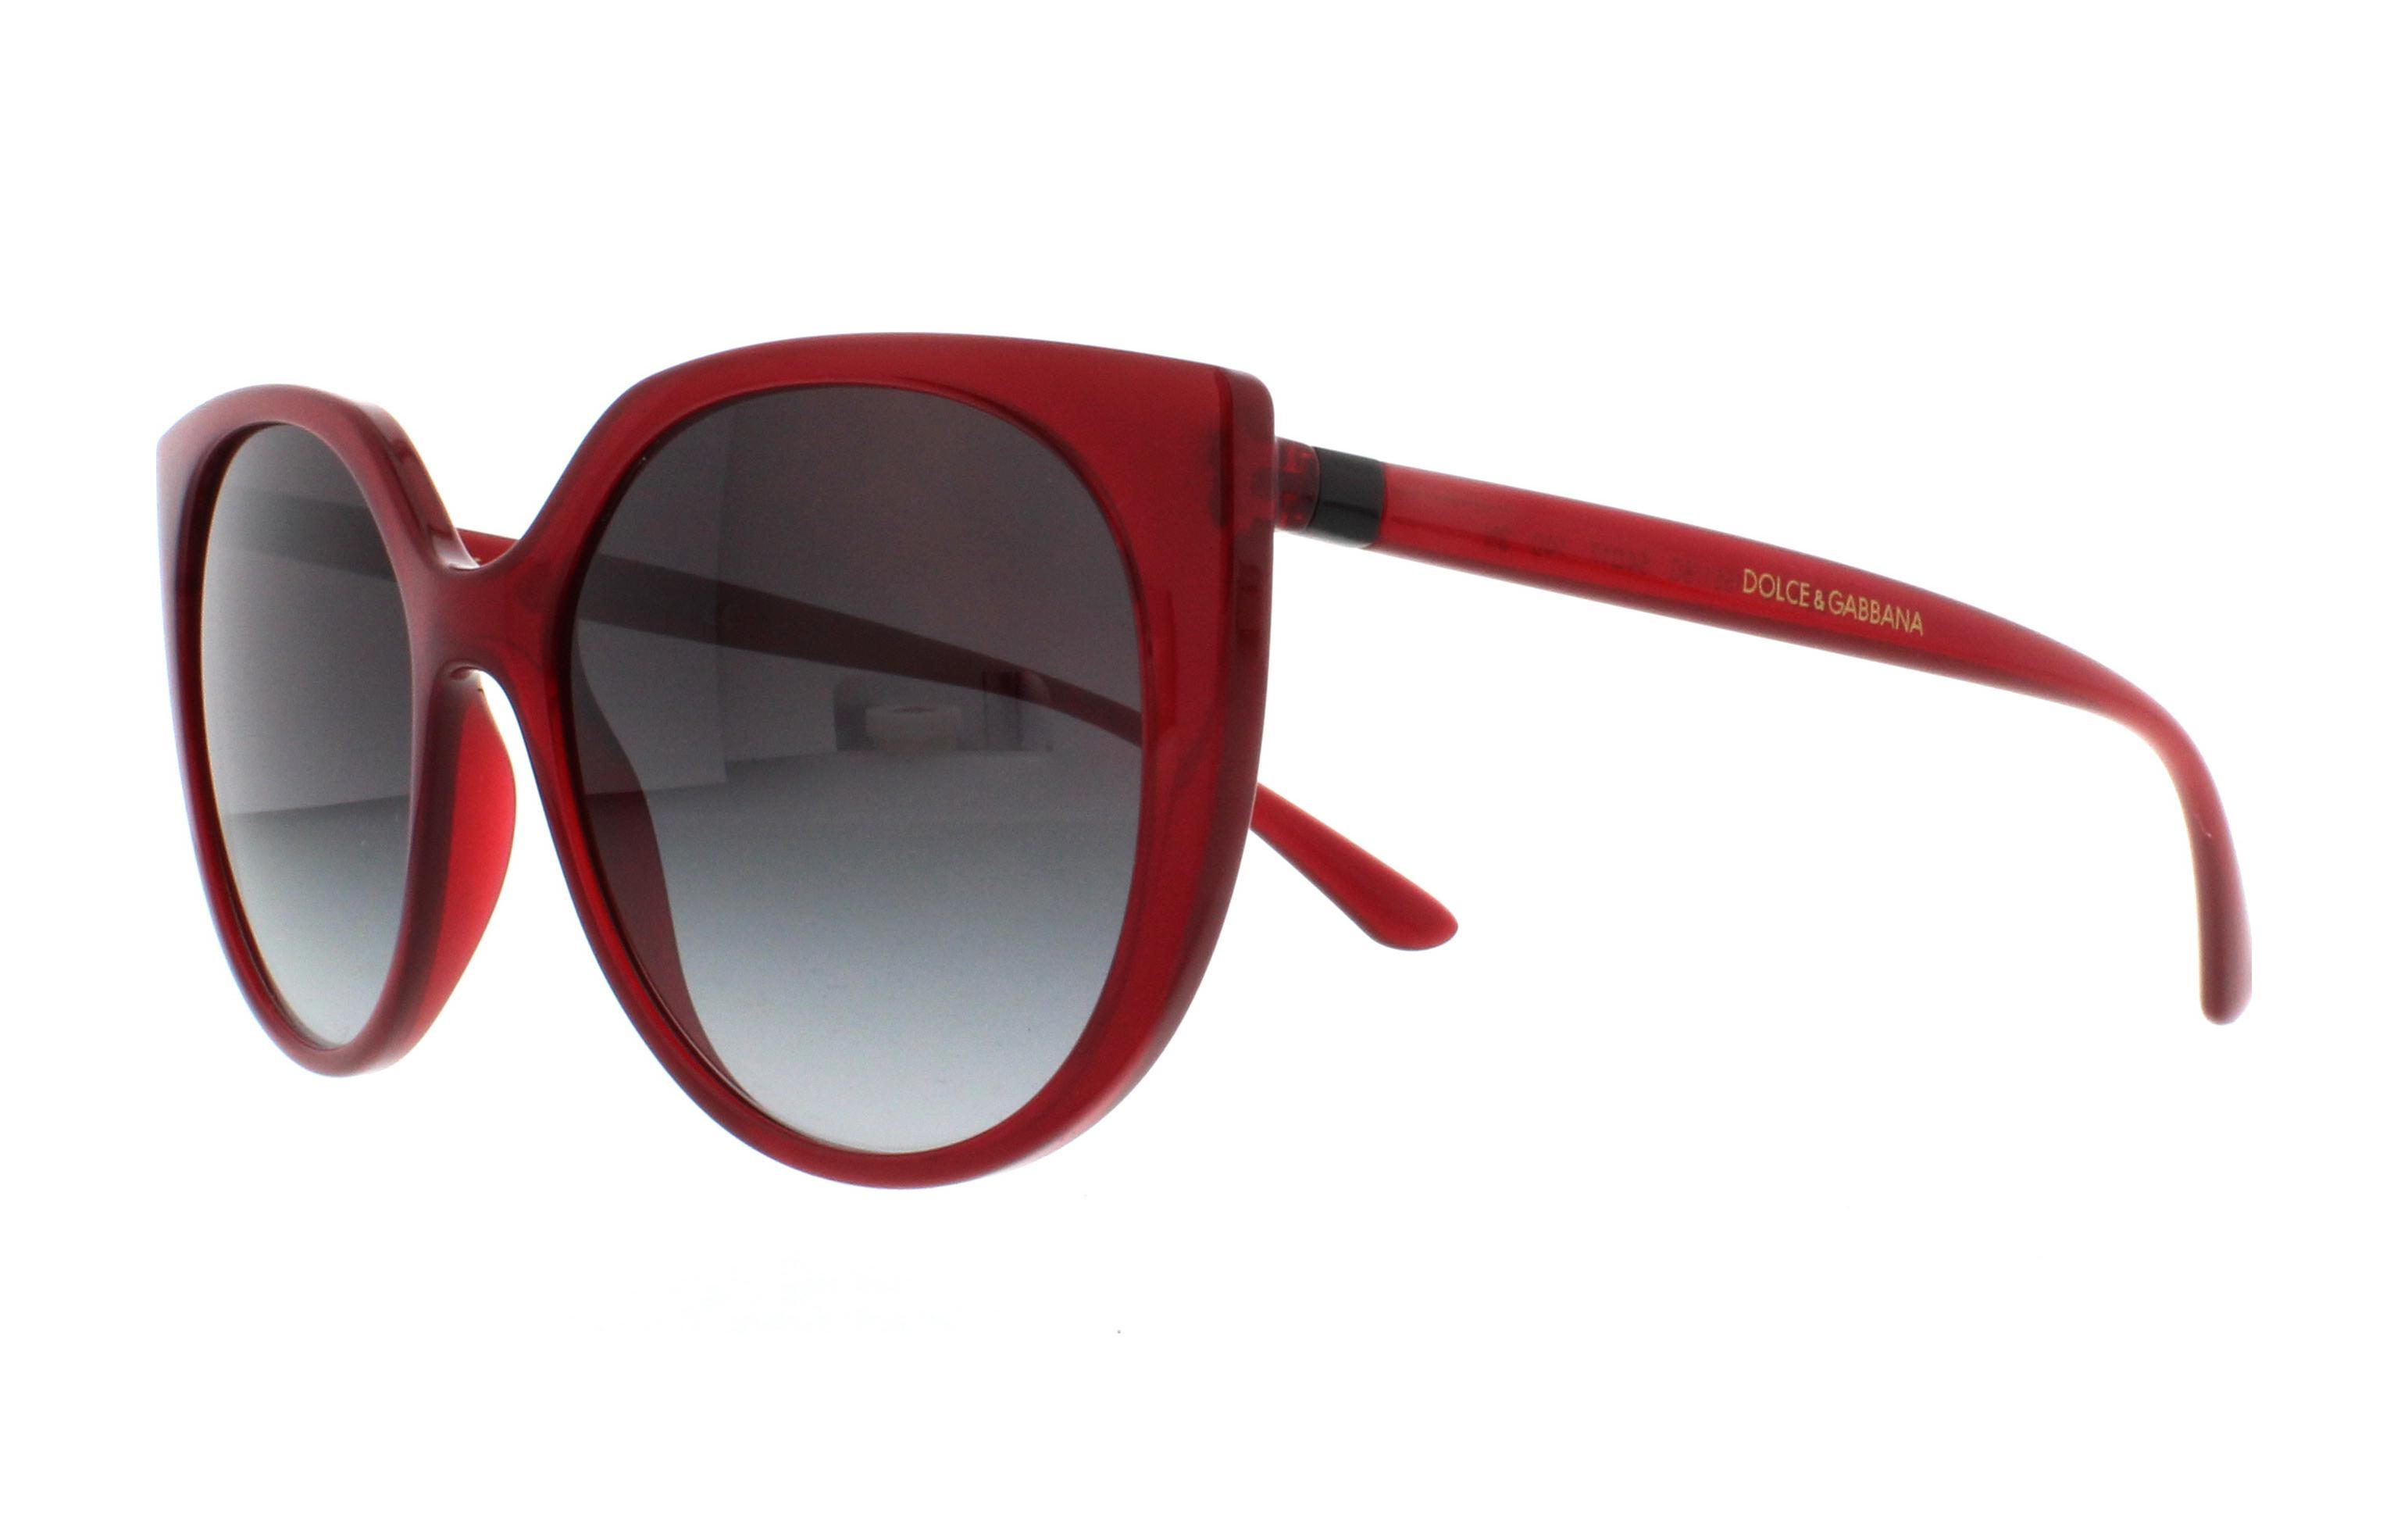 6464ec42730a DOLCE & GABBANA Sunglasses DG6119 15518G Transparent Bordeaux 54MM ...